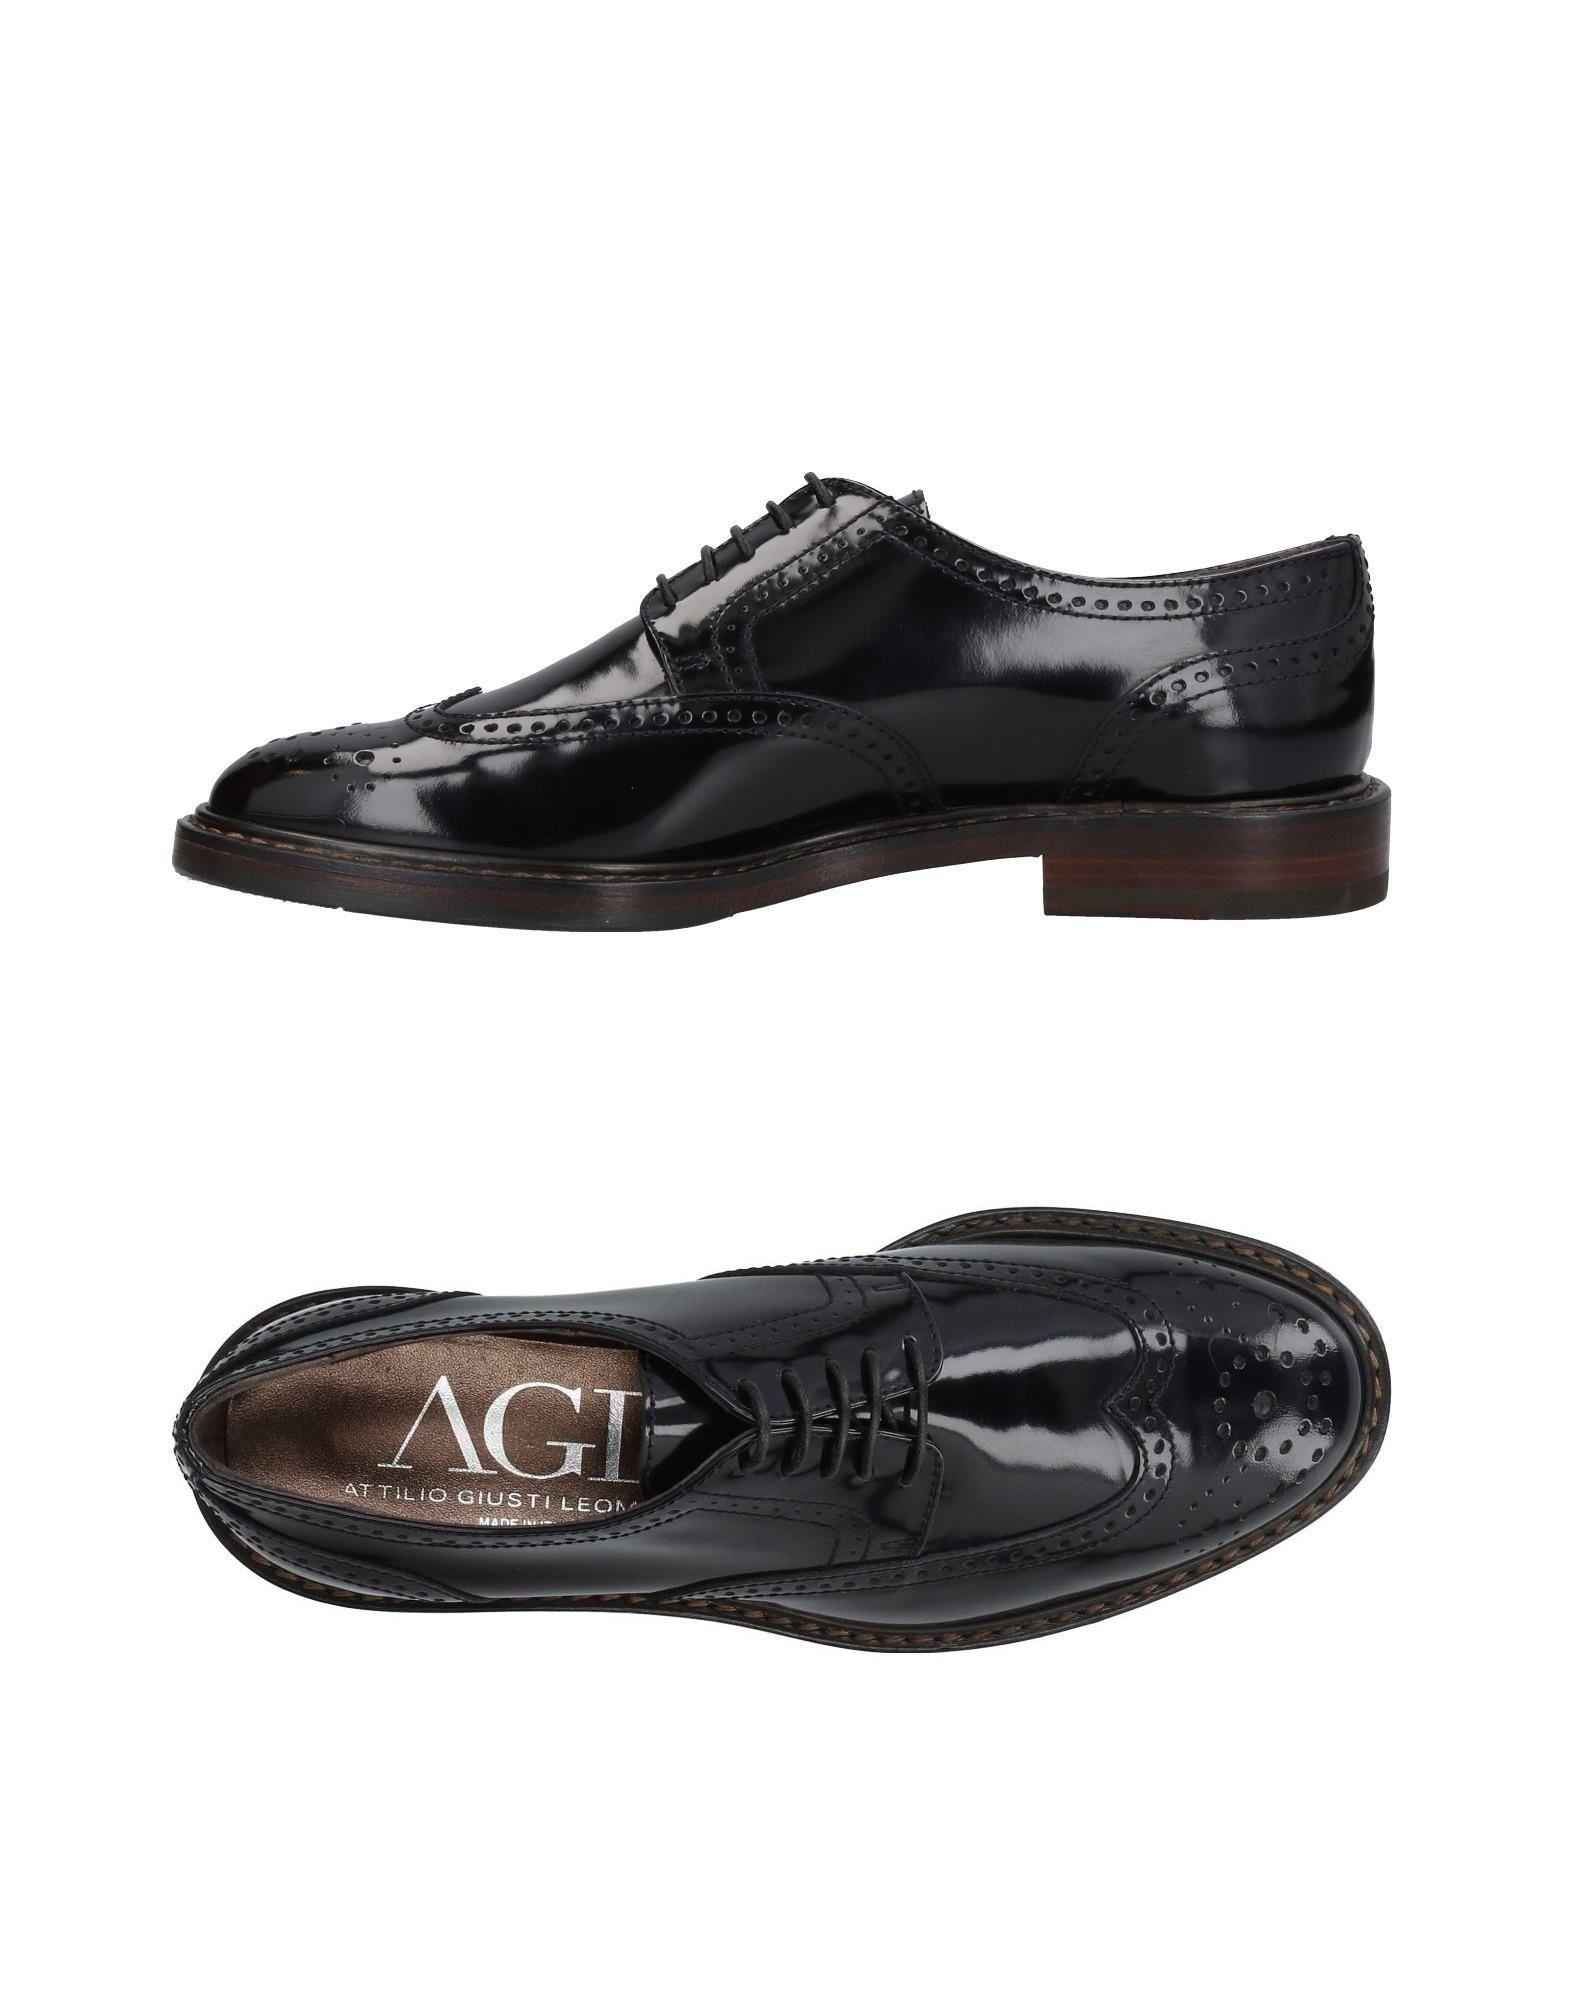 Agl Attilio Giusti Leombruni Schnürschuhe Damen  11456456XE Heiße Heiße 11456456XE Schuhe c0a71a